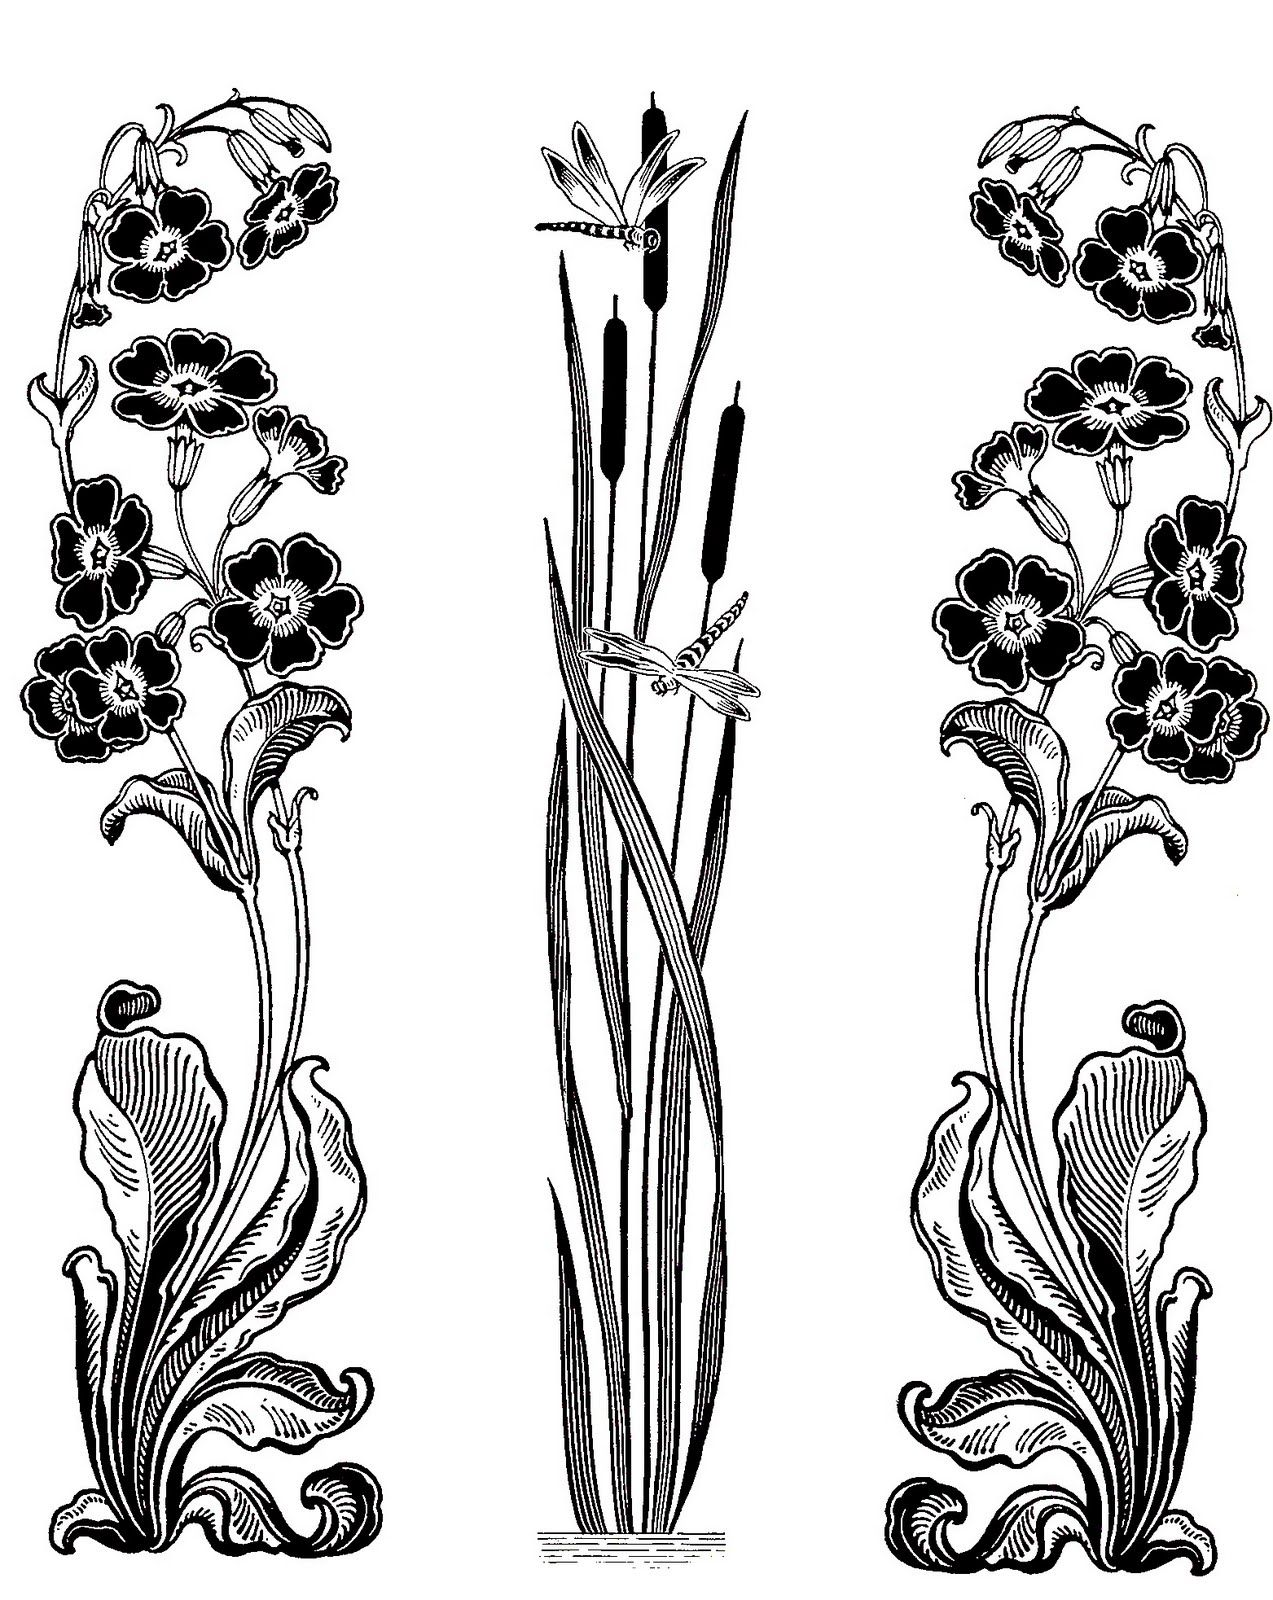 Jugendstil art nouveau jugendstil pinterest for Ornamente jugendstil